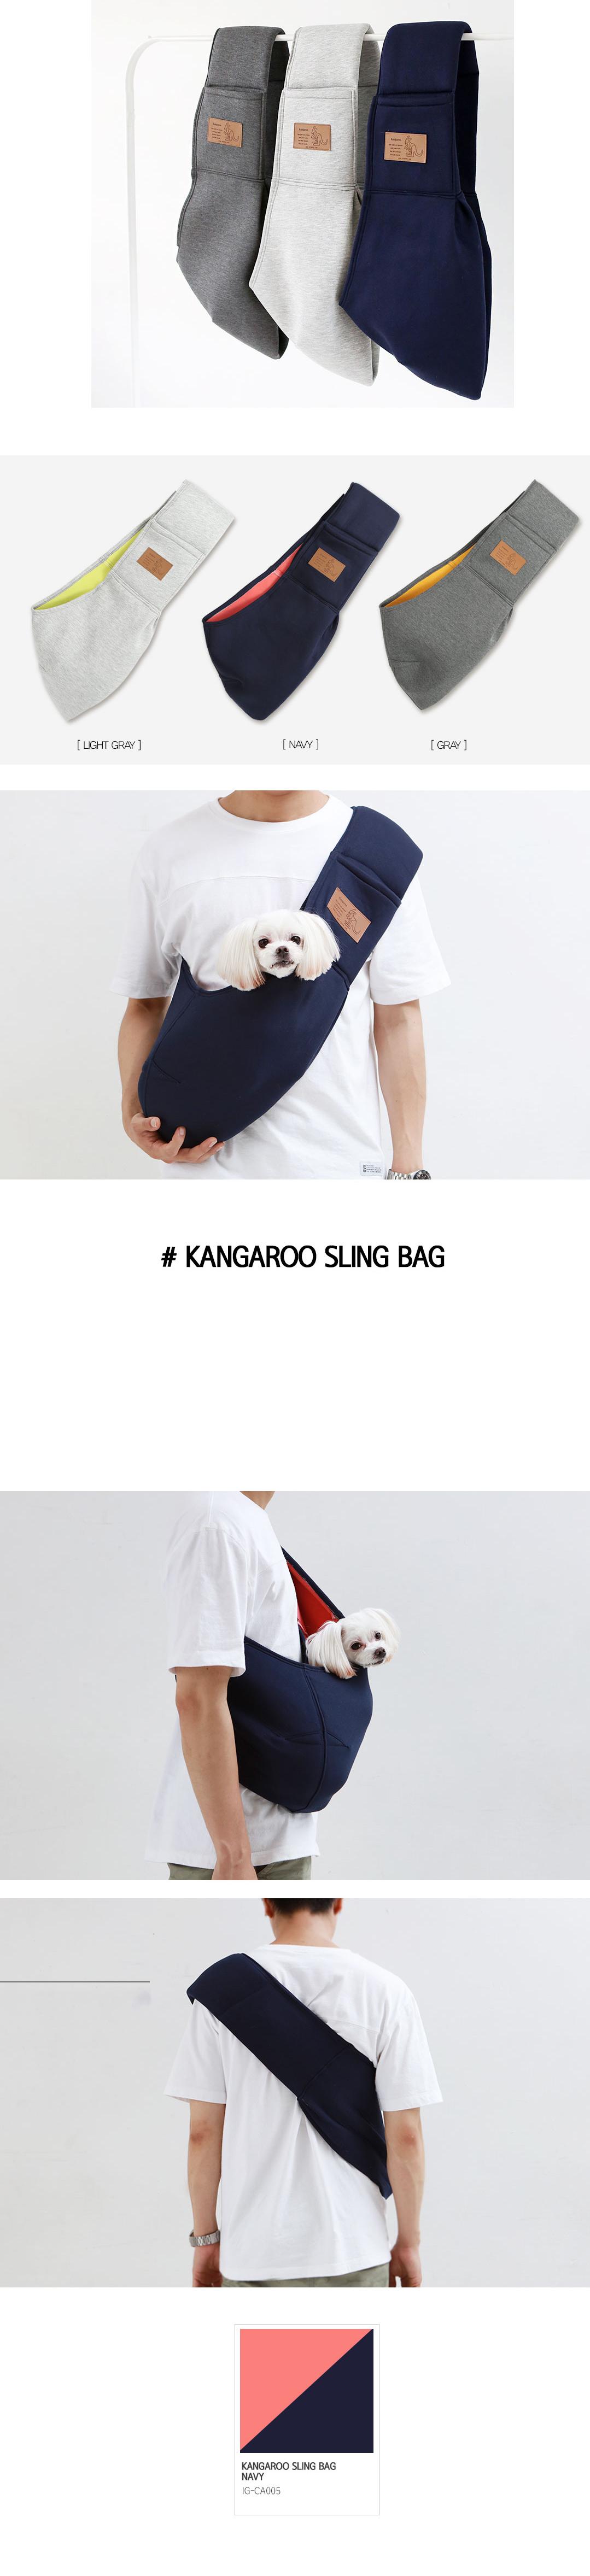 170911-kangaroosling-navy-01.jpg